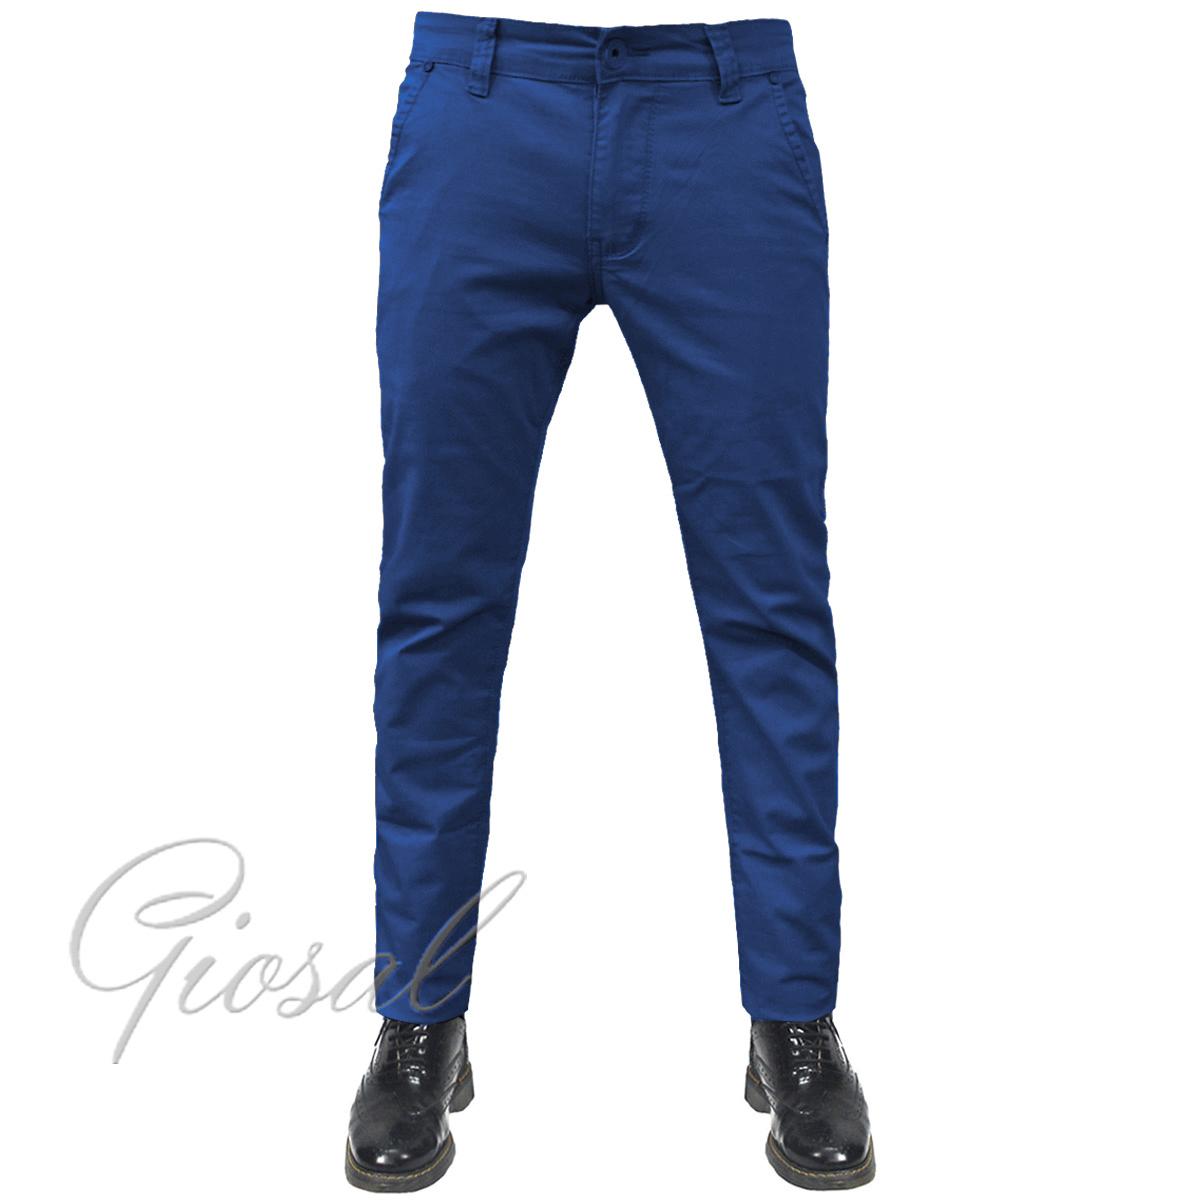 Pantalone-Uomo-Tasca-America-Chino-Slim-Cotone-Elastico-Bottone-Zip-Colori-Va miniatura 17